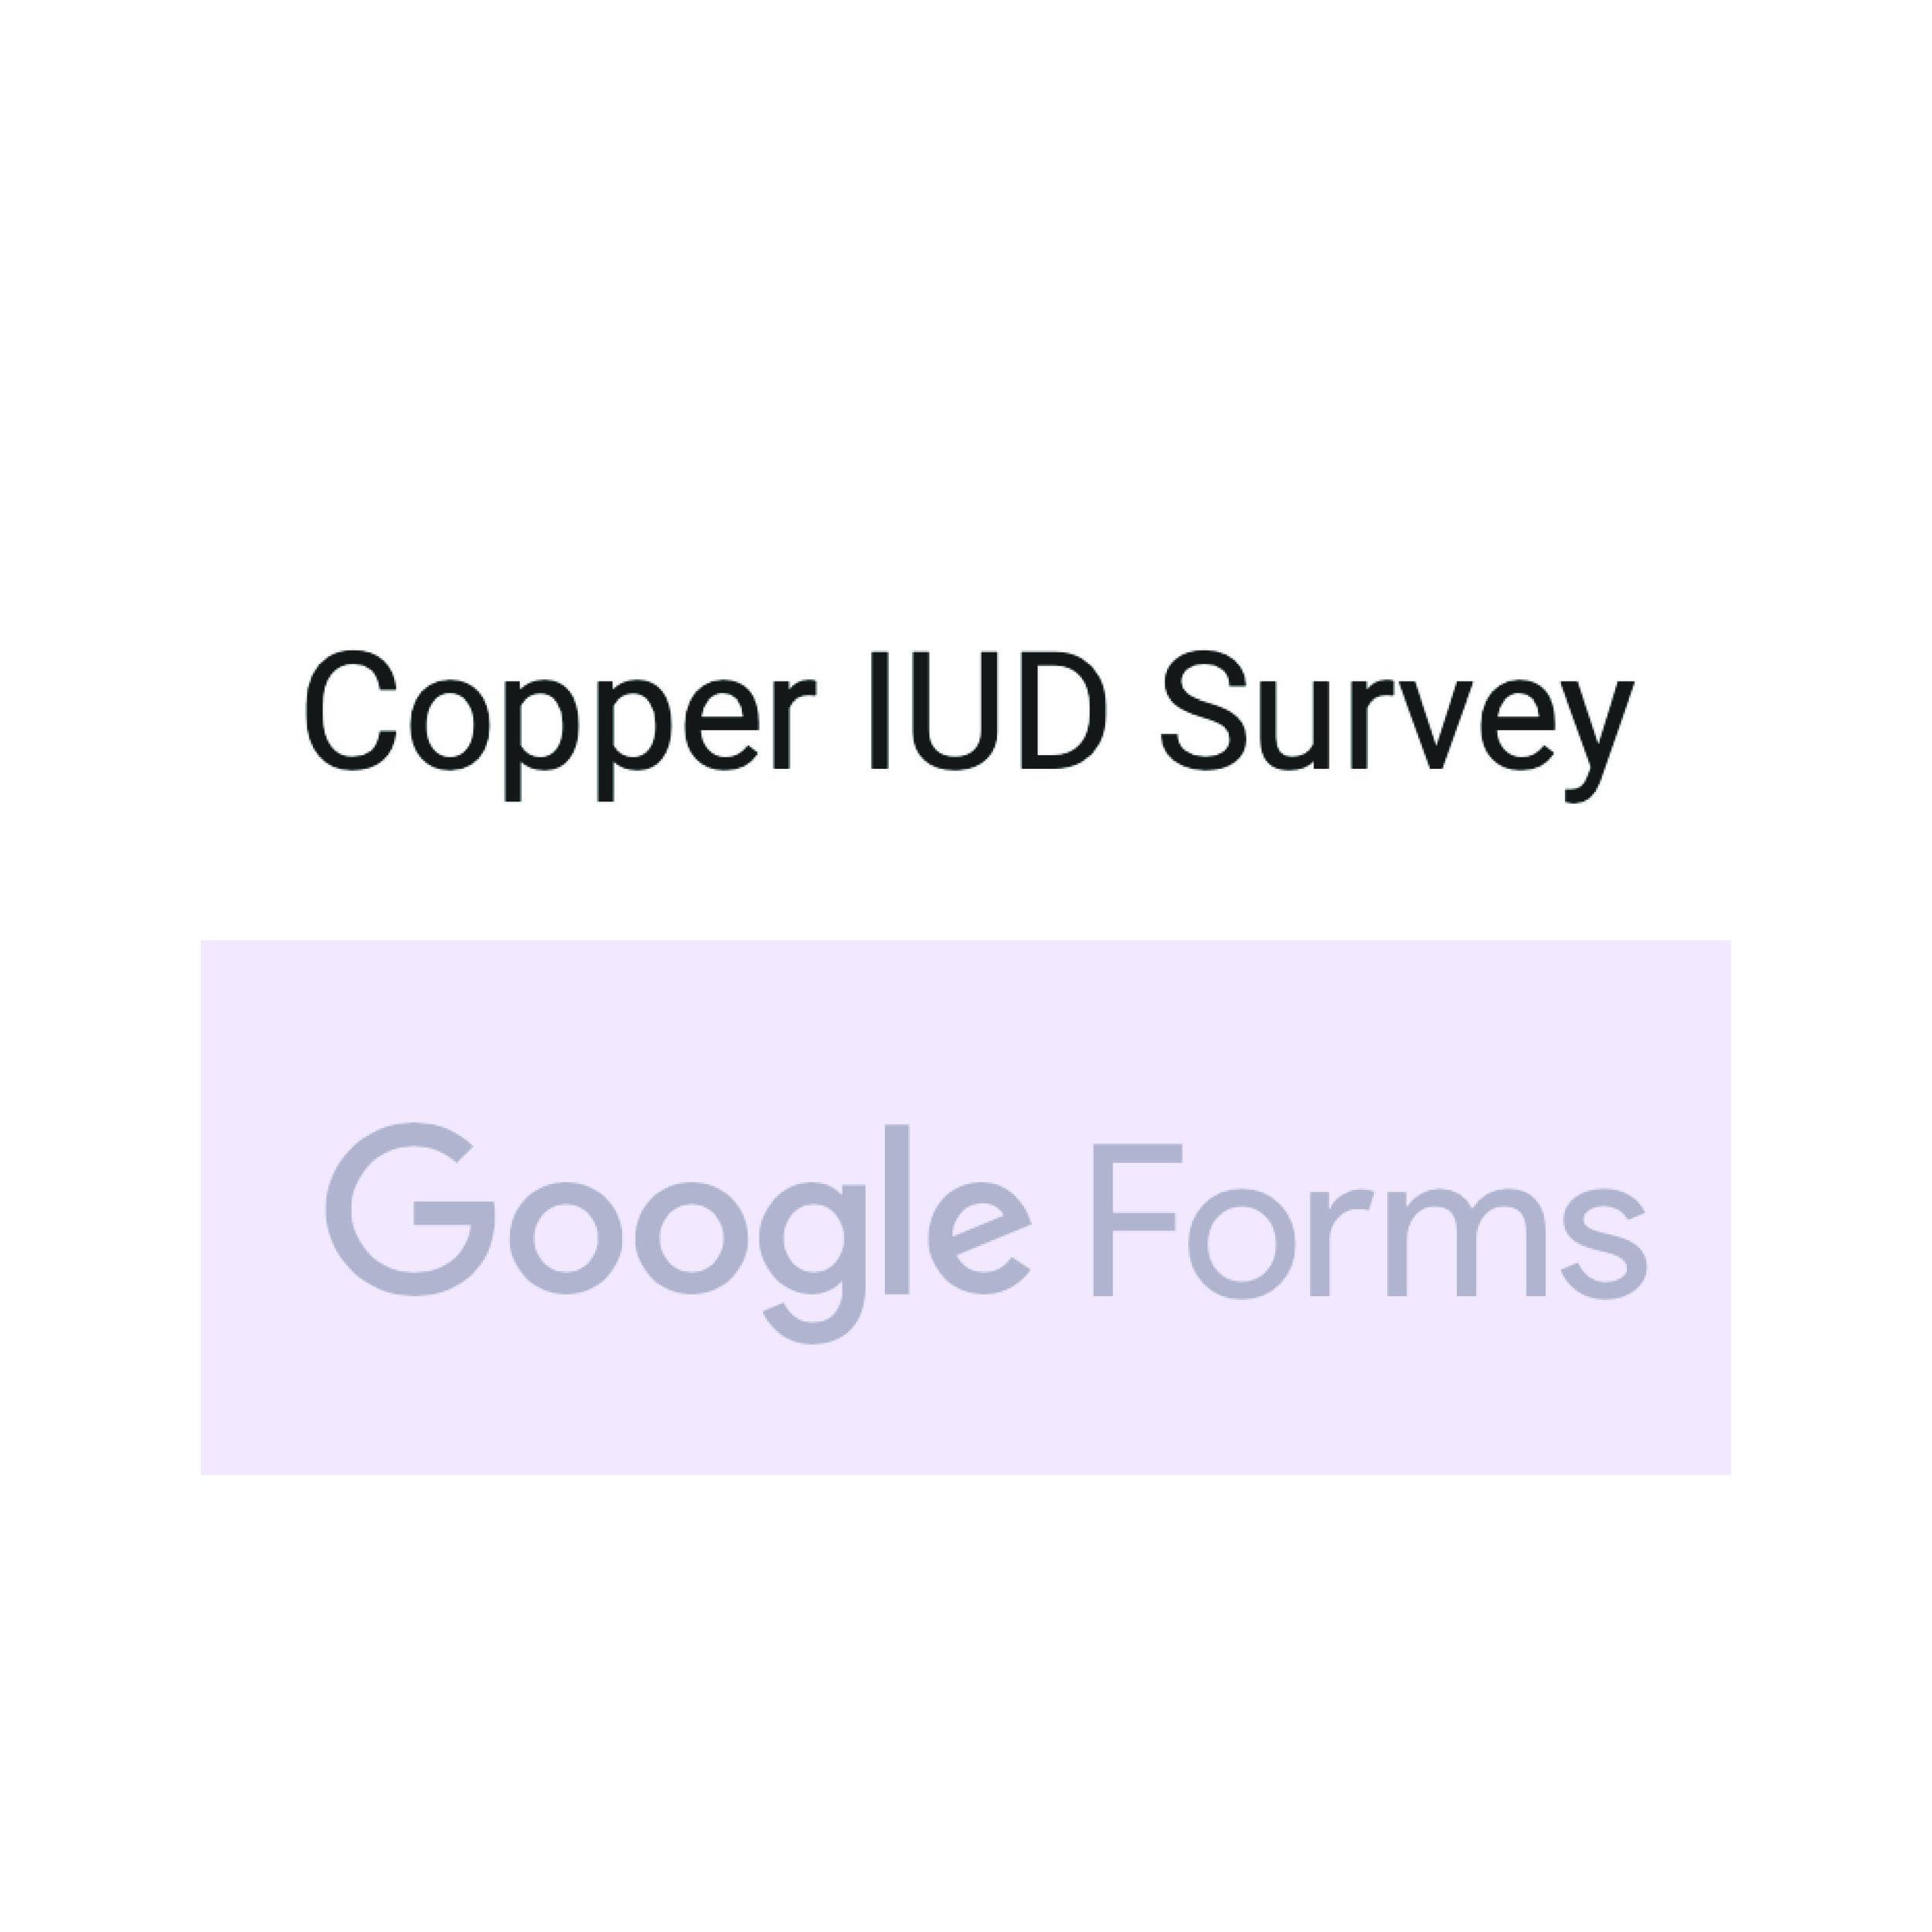 Take The Copper IUD Survey